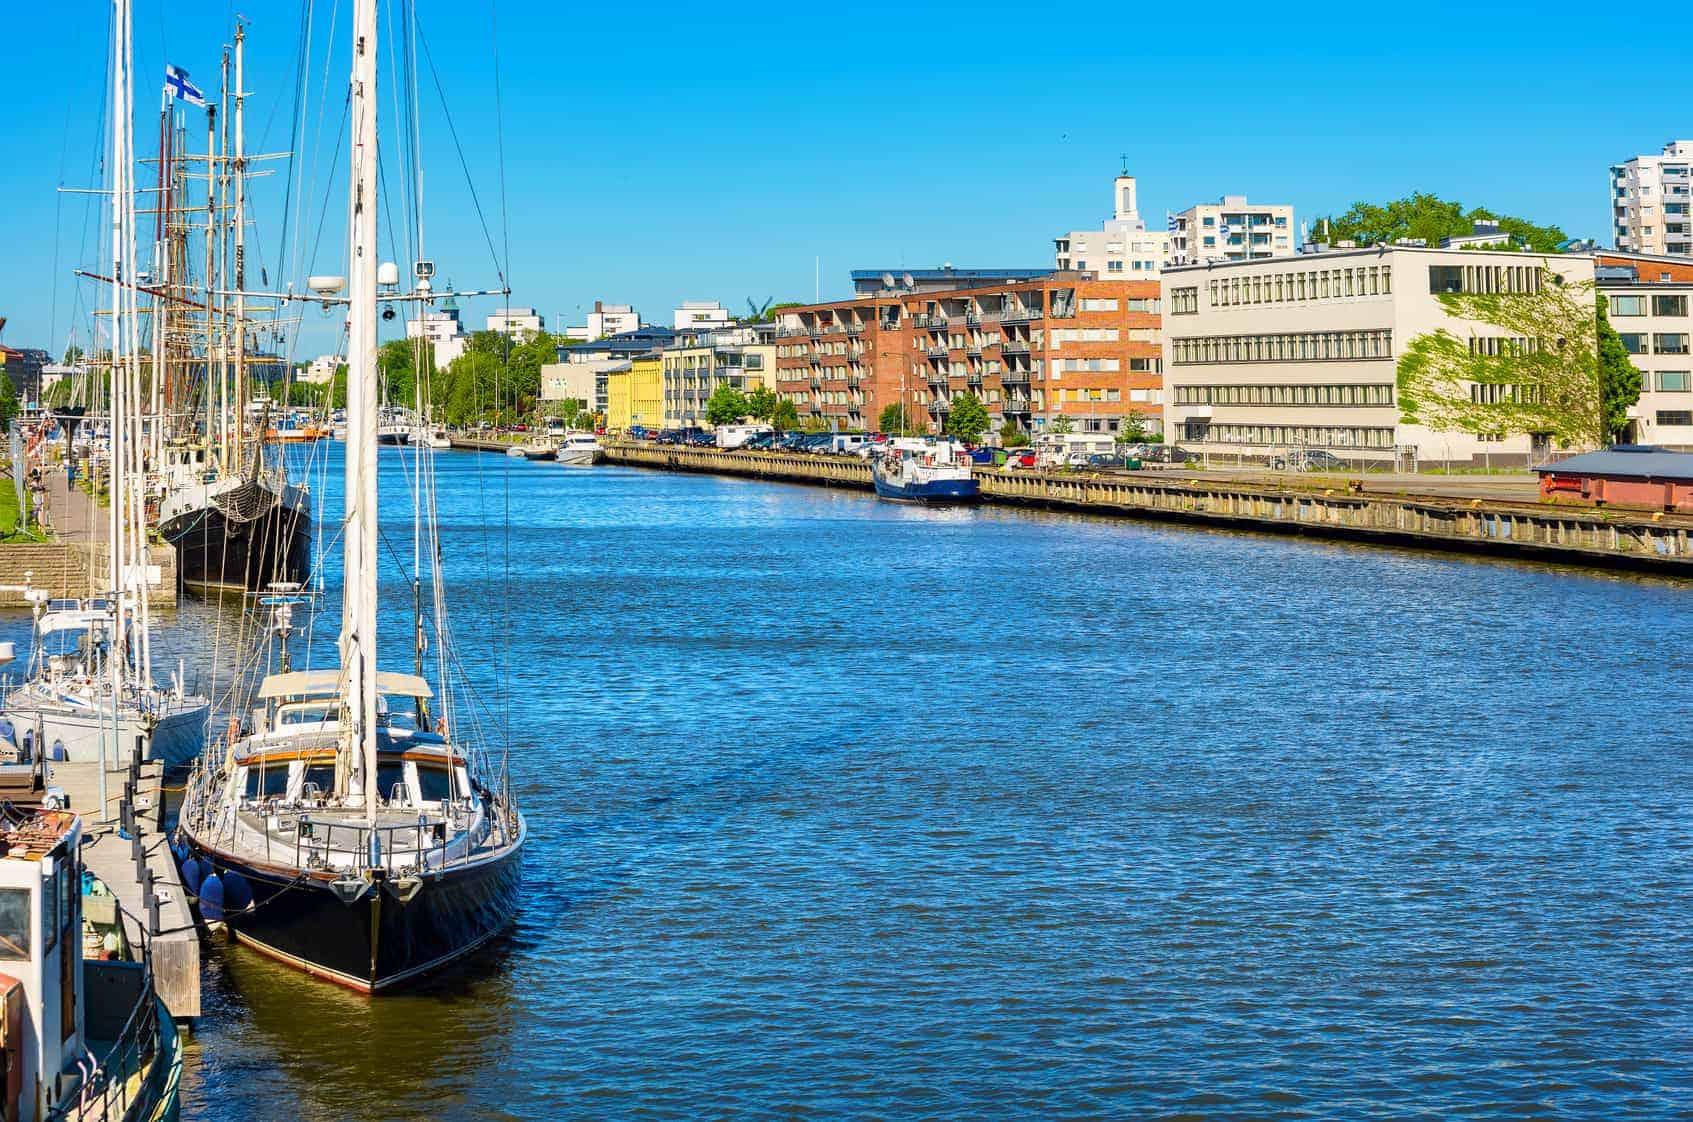 Turku kaupunginosat - Asuntojenmyynti.fi